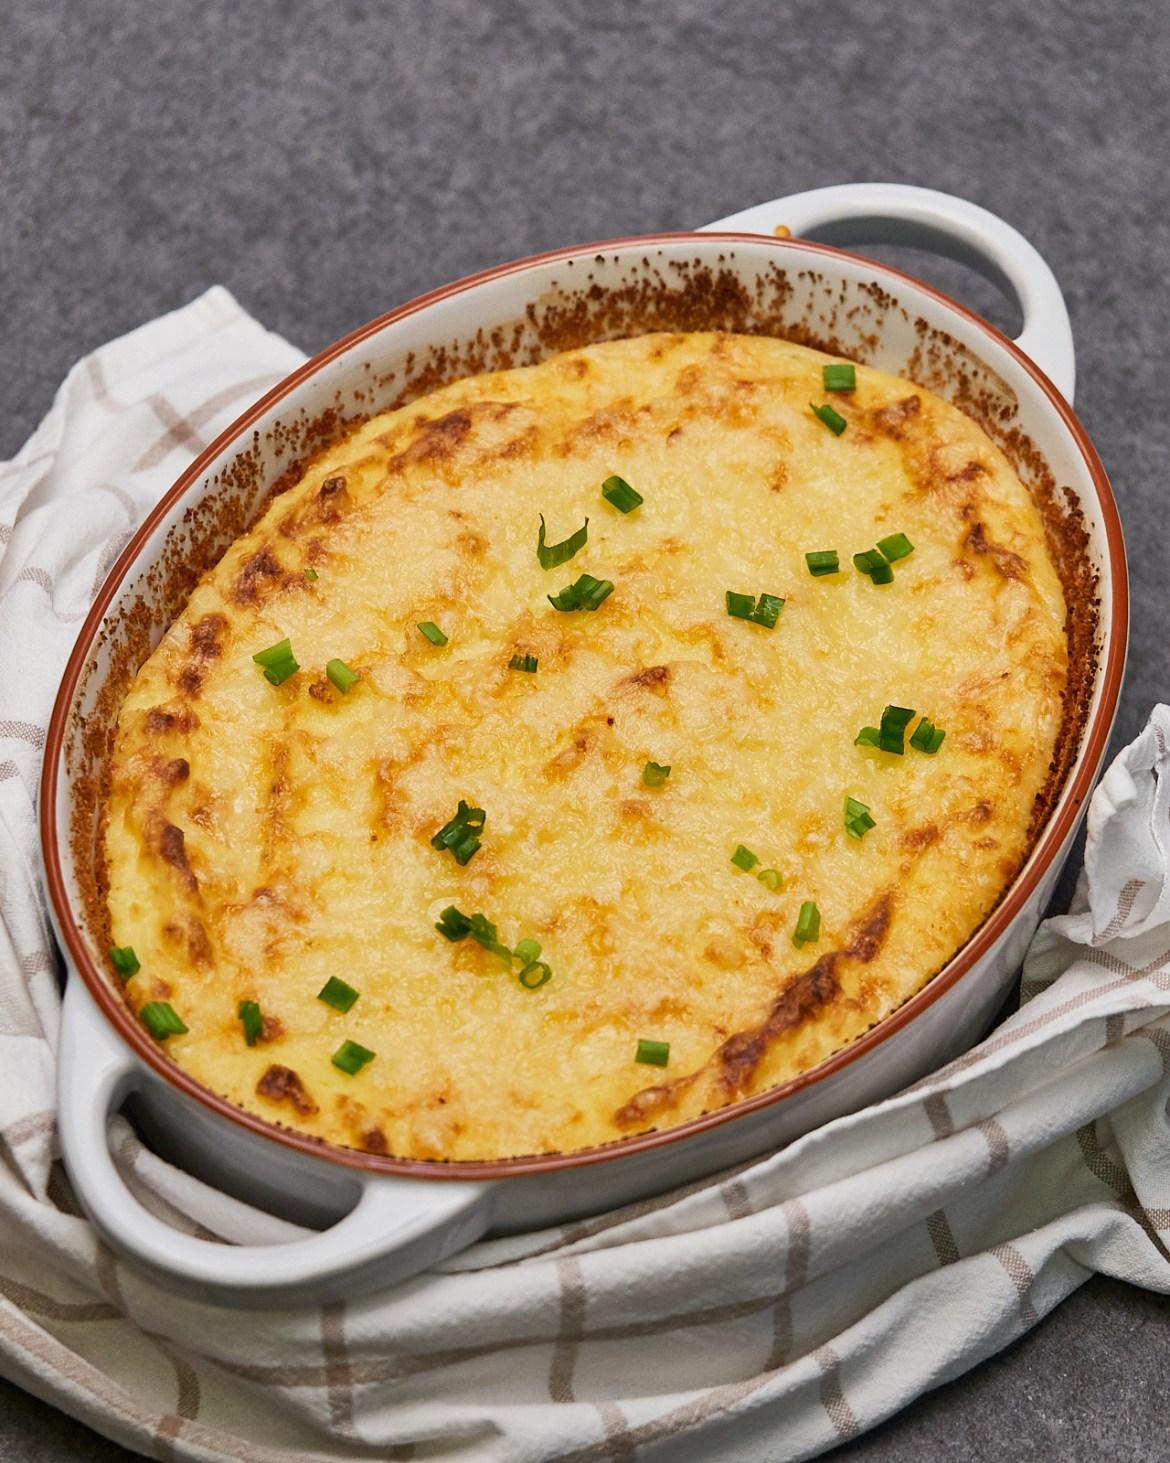 mashed potatoes casserole